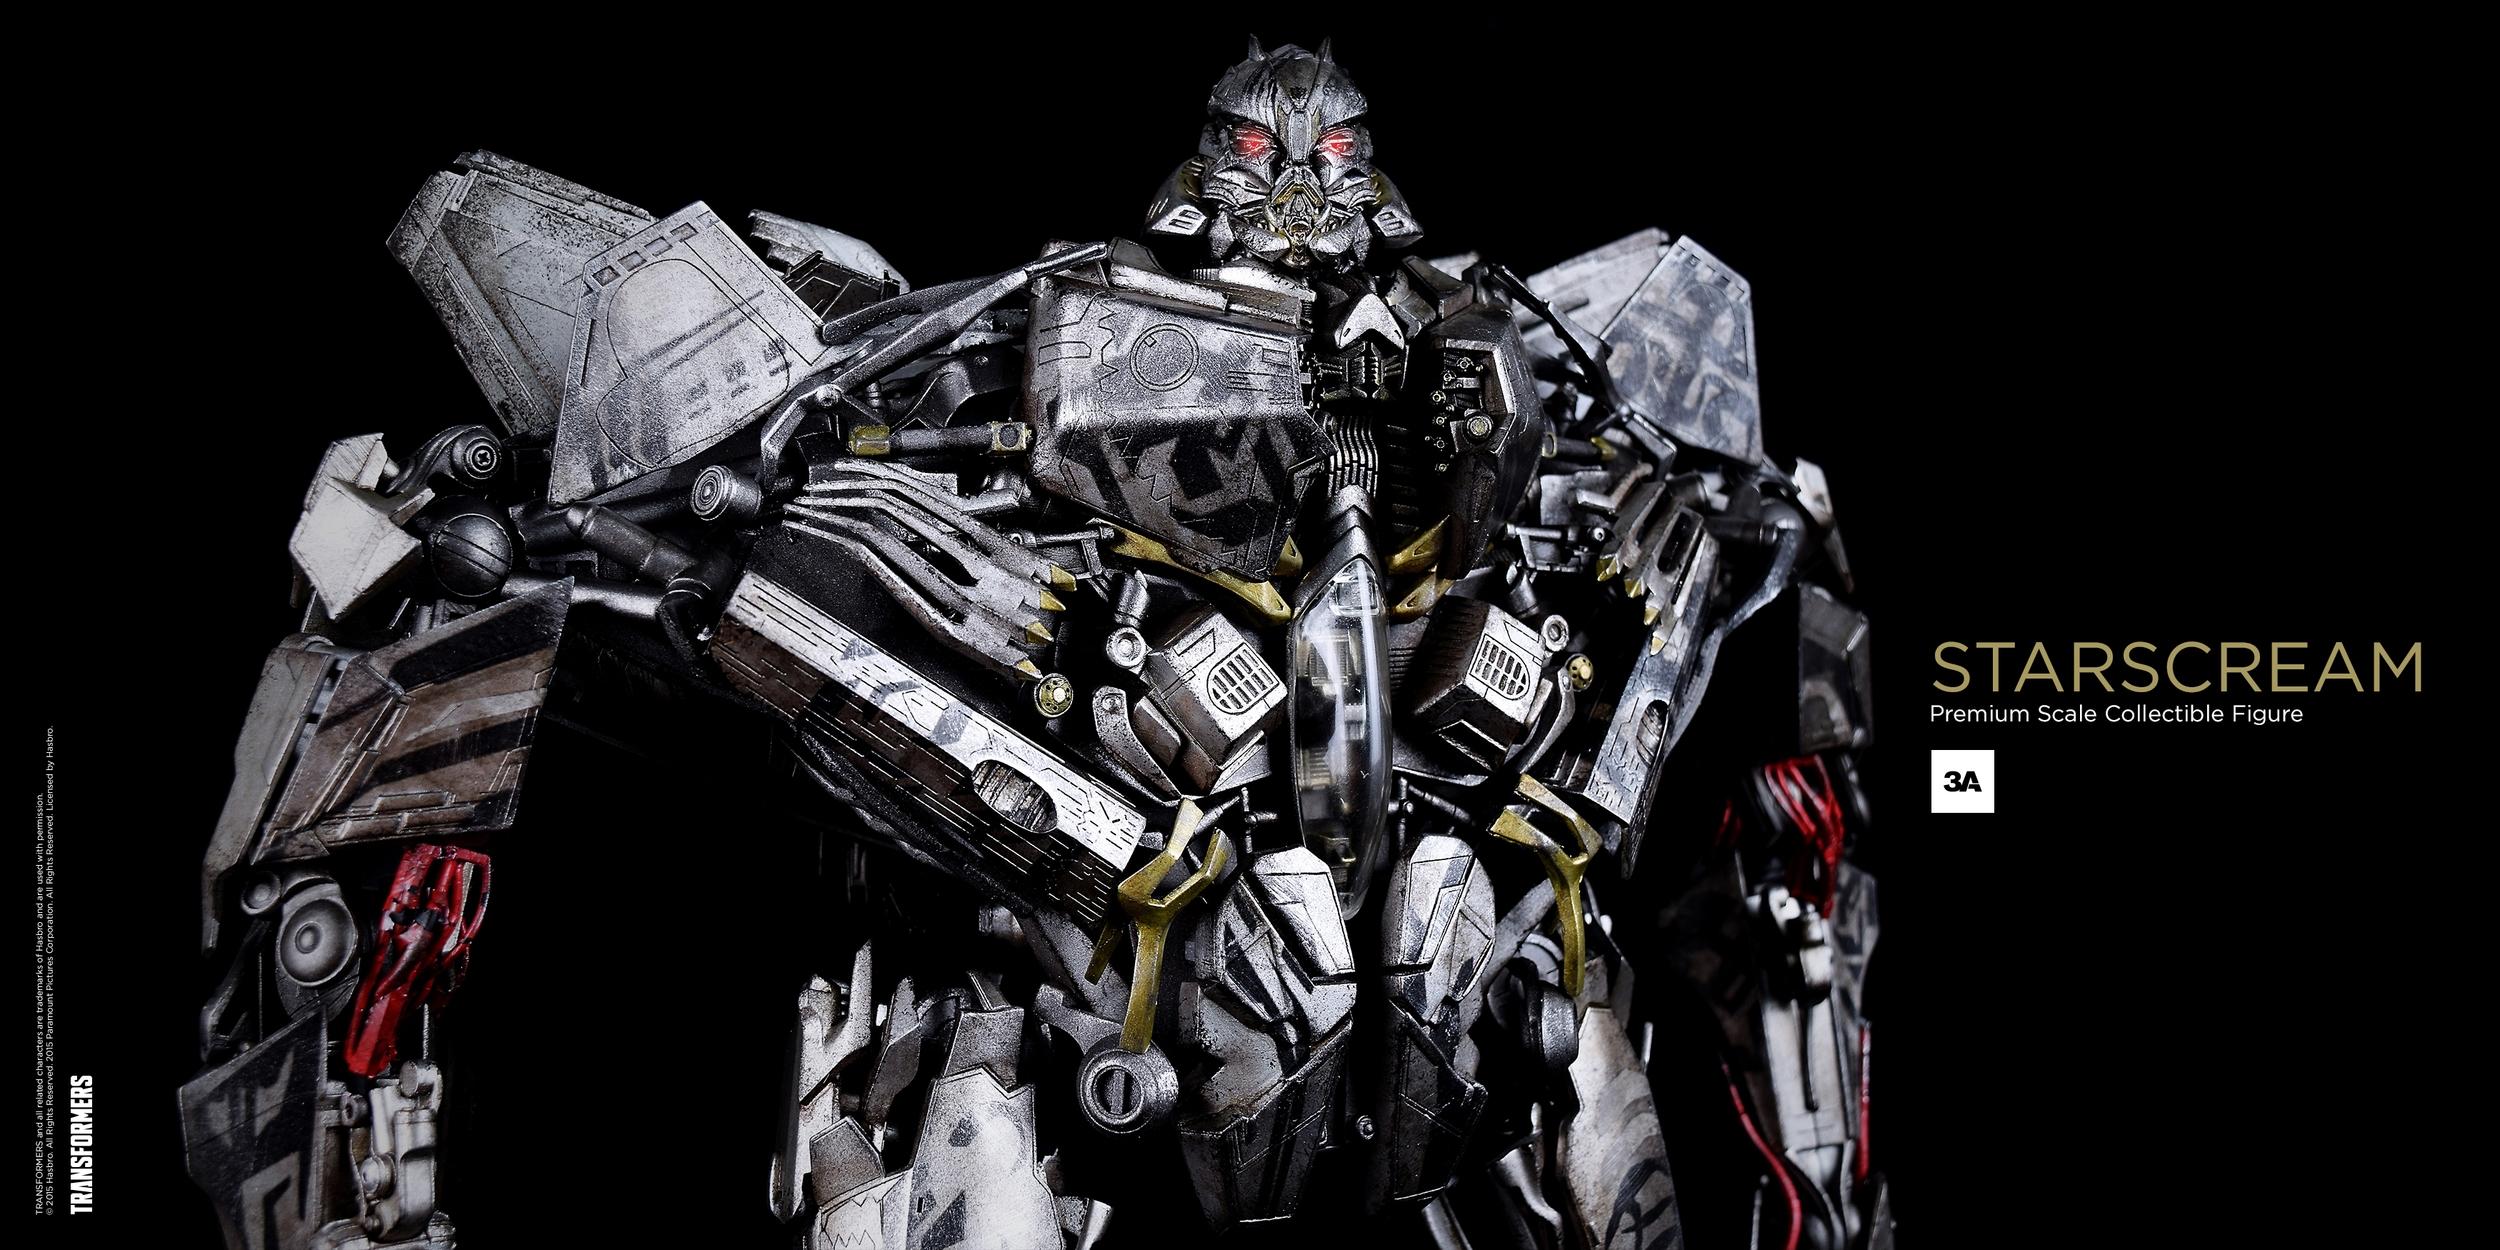 3A_Transformers_Starscream_Ad_3500x1700_E_003.jpg